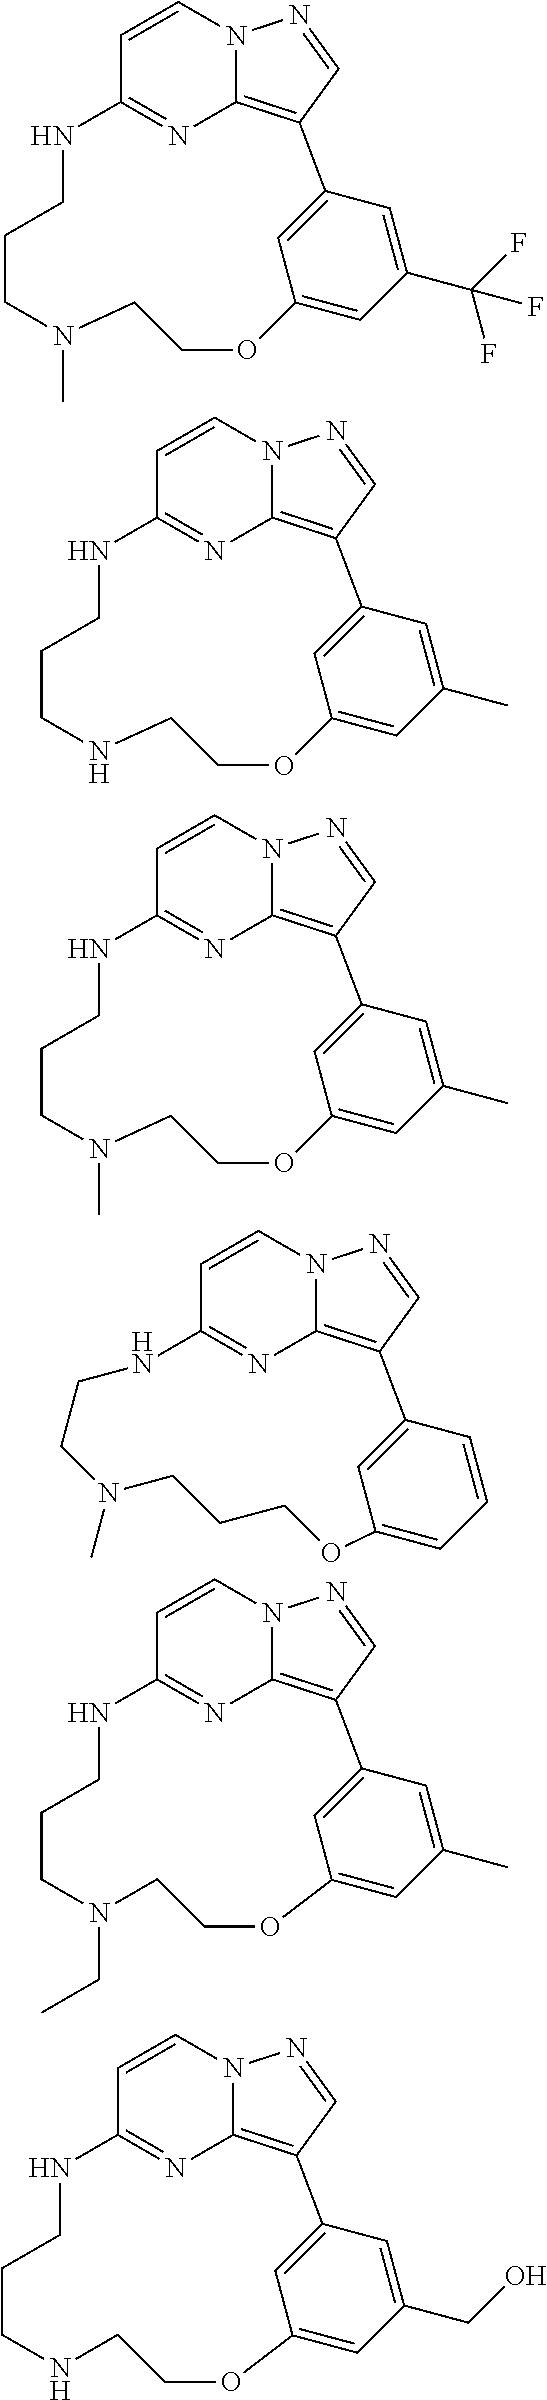 Figure US09586975-20170307-C00004